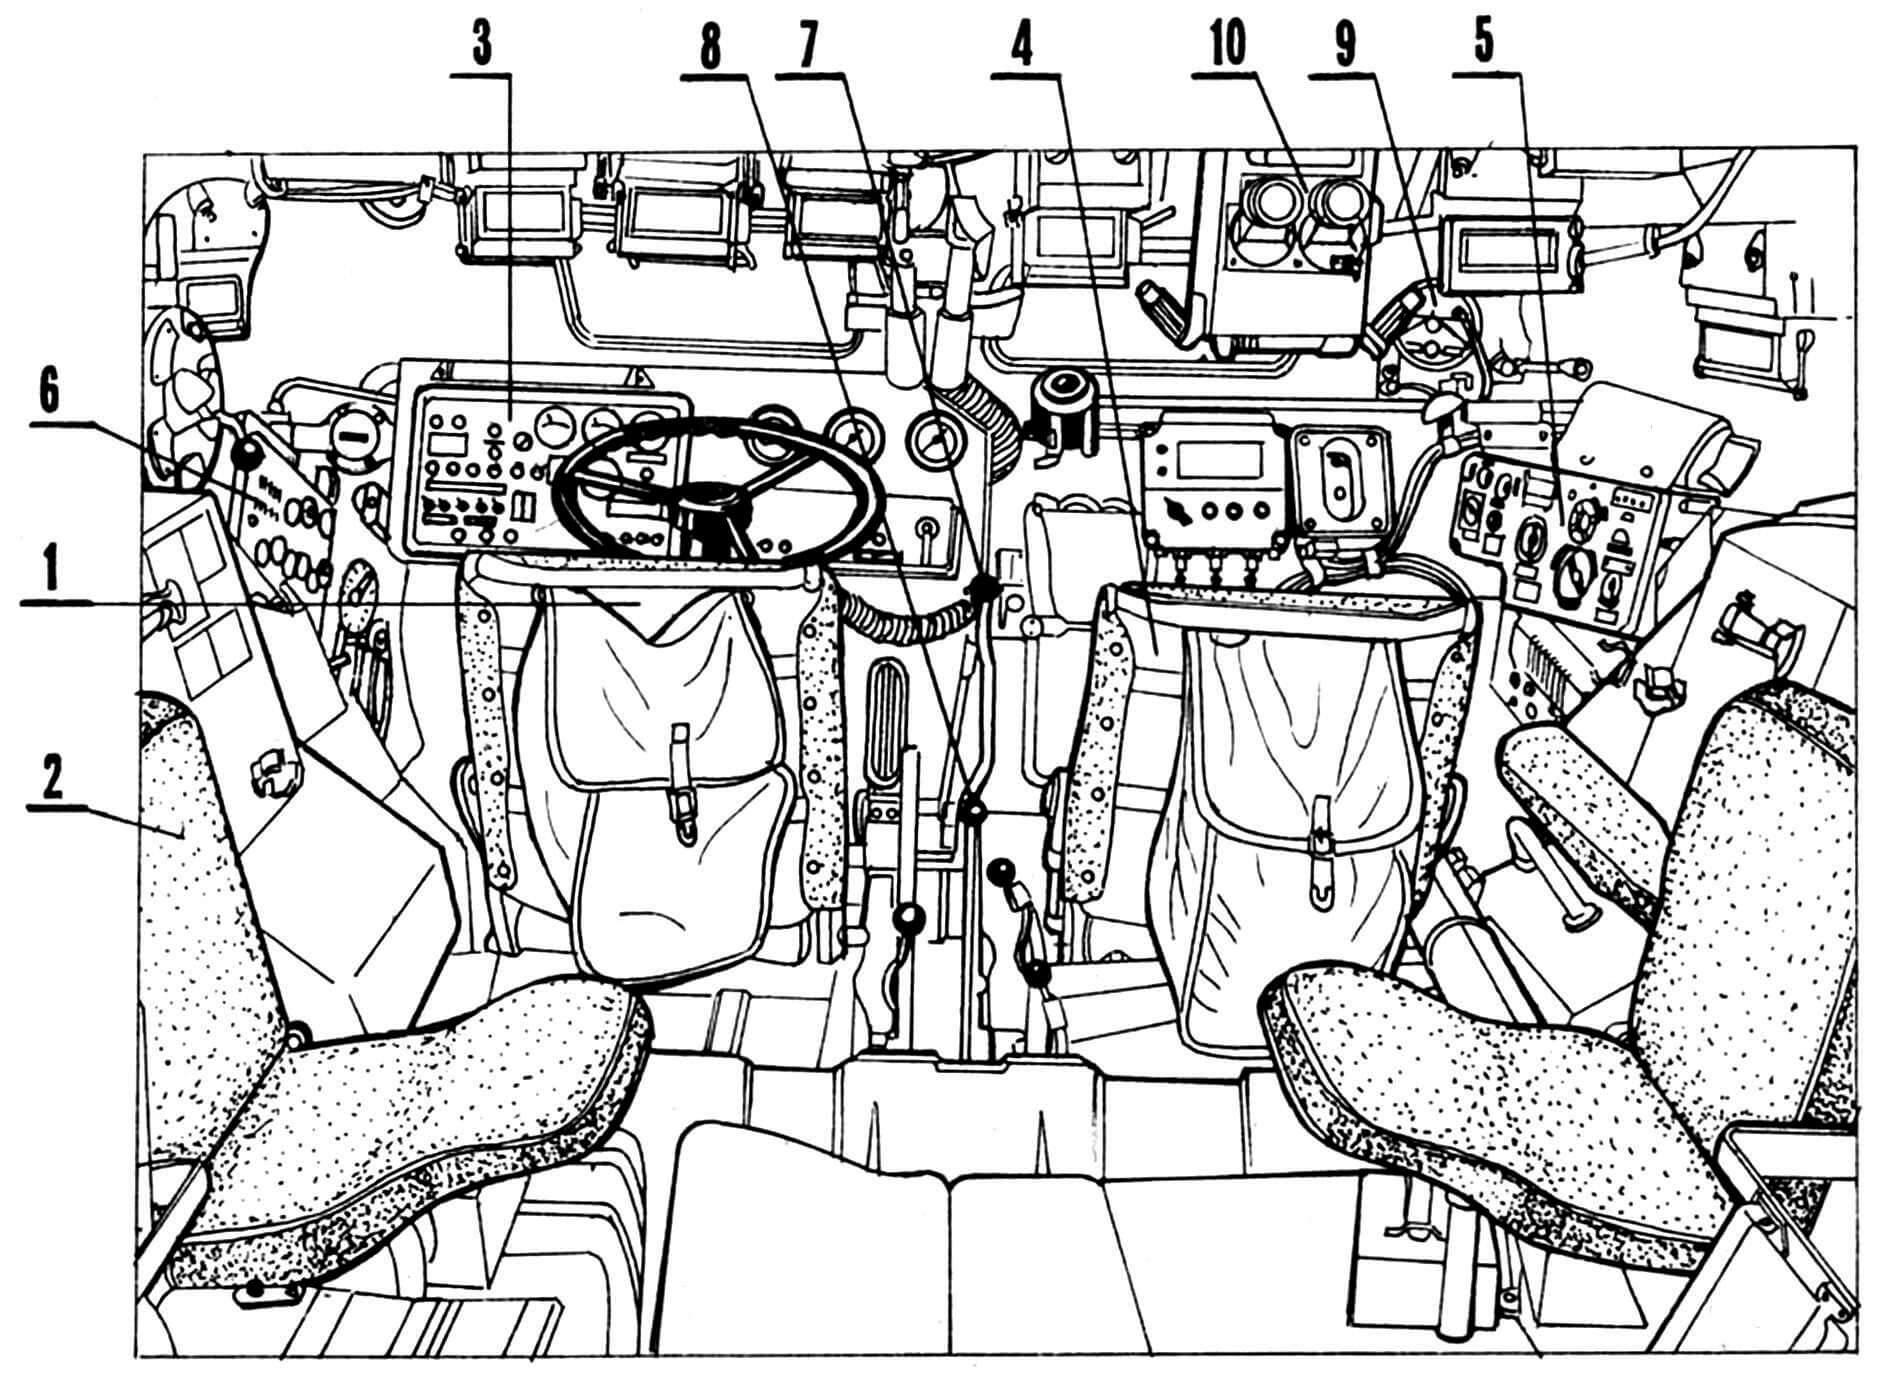 Отделение управления: 1 — сиденье механика-водителя, 2 — одноместное сиденье мотострелка, 3 — щиток приборов, 4 — сиденье командира, 5 — приемопередатчик радиостанции, 6 — блок шинных кранов, 7 — рычаг переключения передач КП, 8 — рычаг переключения передач раздаточной коробки, 9 — амбразура для стрельбы из автомата, 10 — прибор наблюдения ТКН-3.